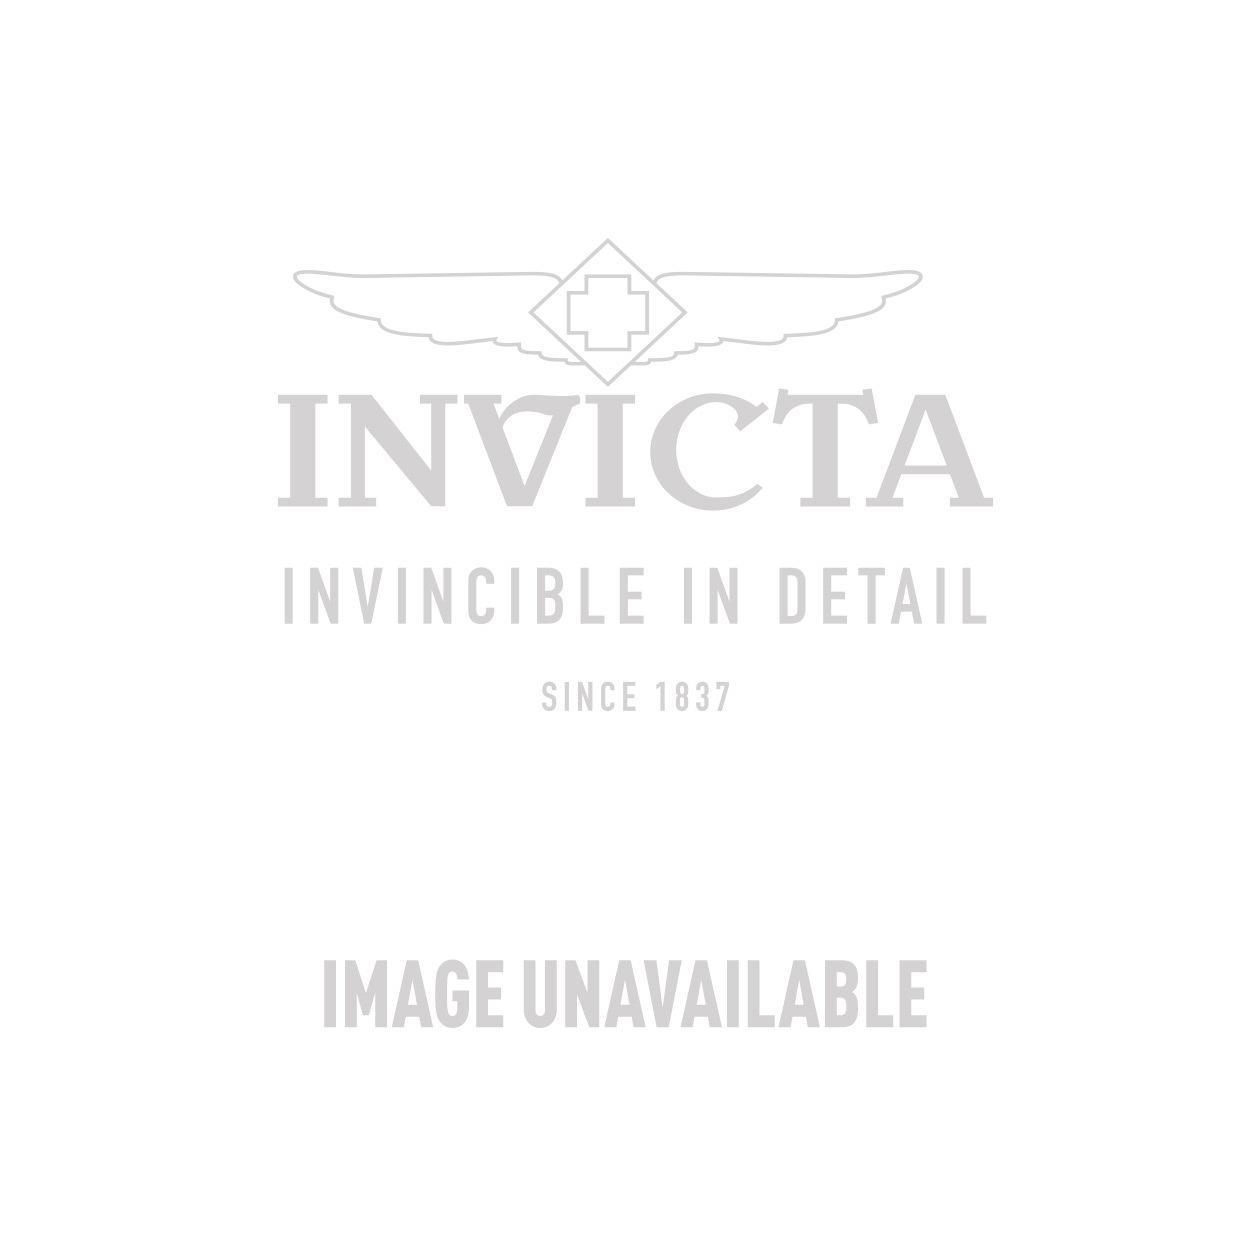 Invicta Model 24661